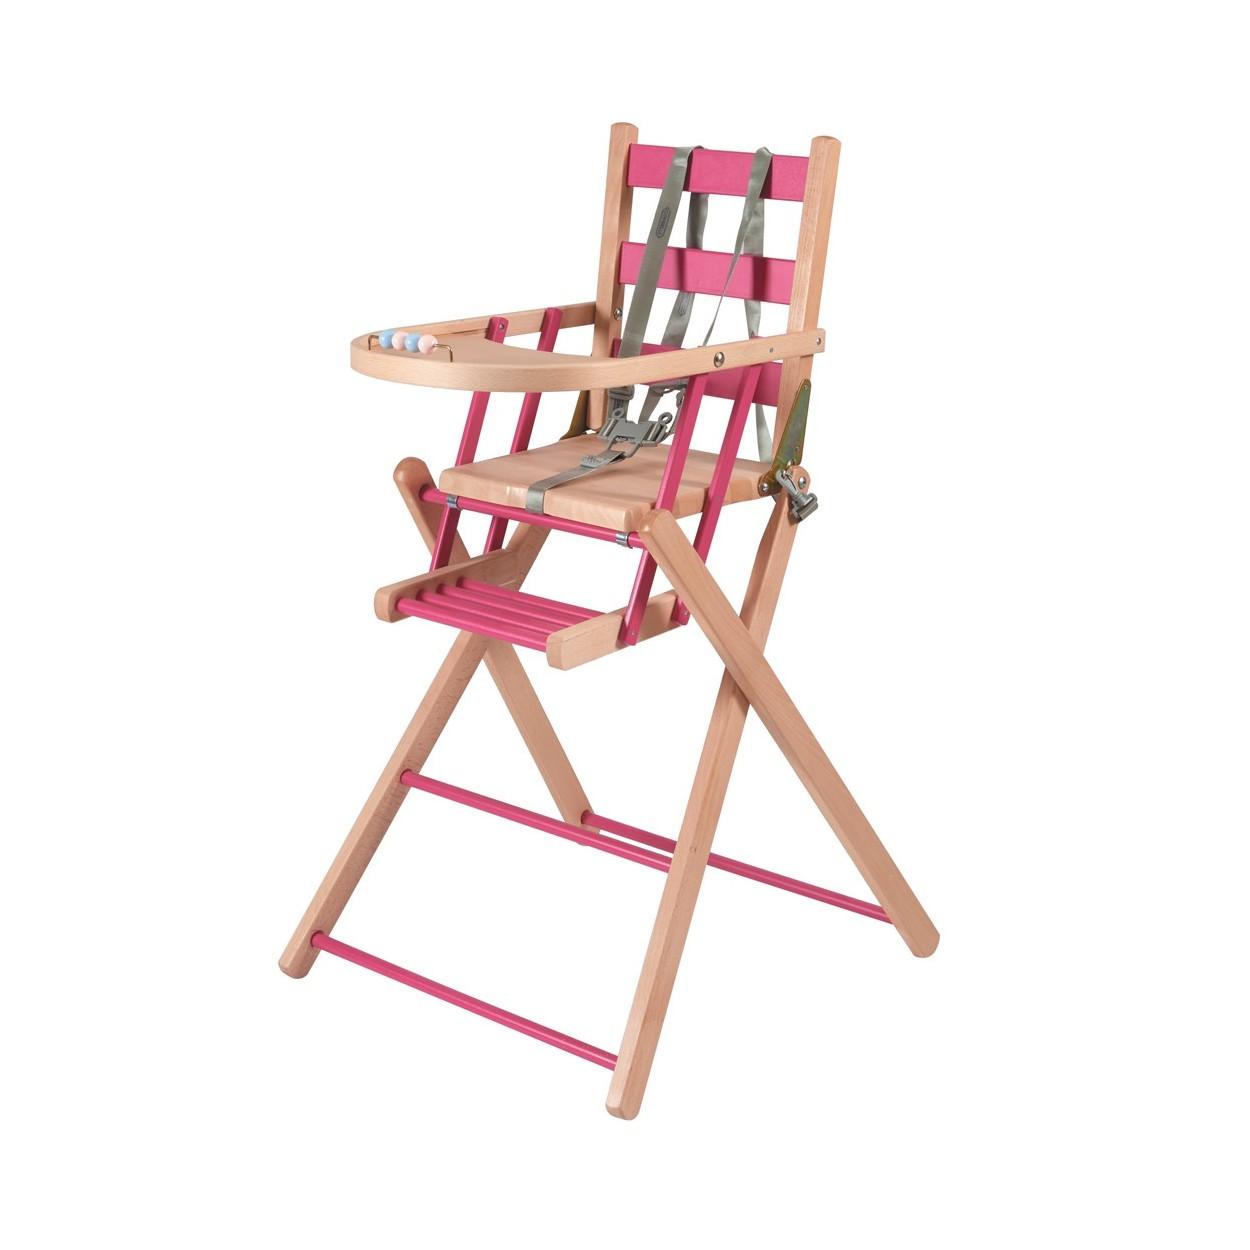 Chaise haute bébé pliante en bois  bicolore fuchsia - 57x95 cm